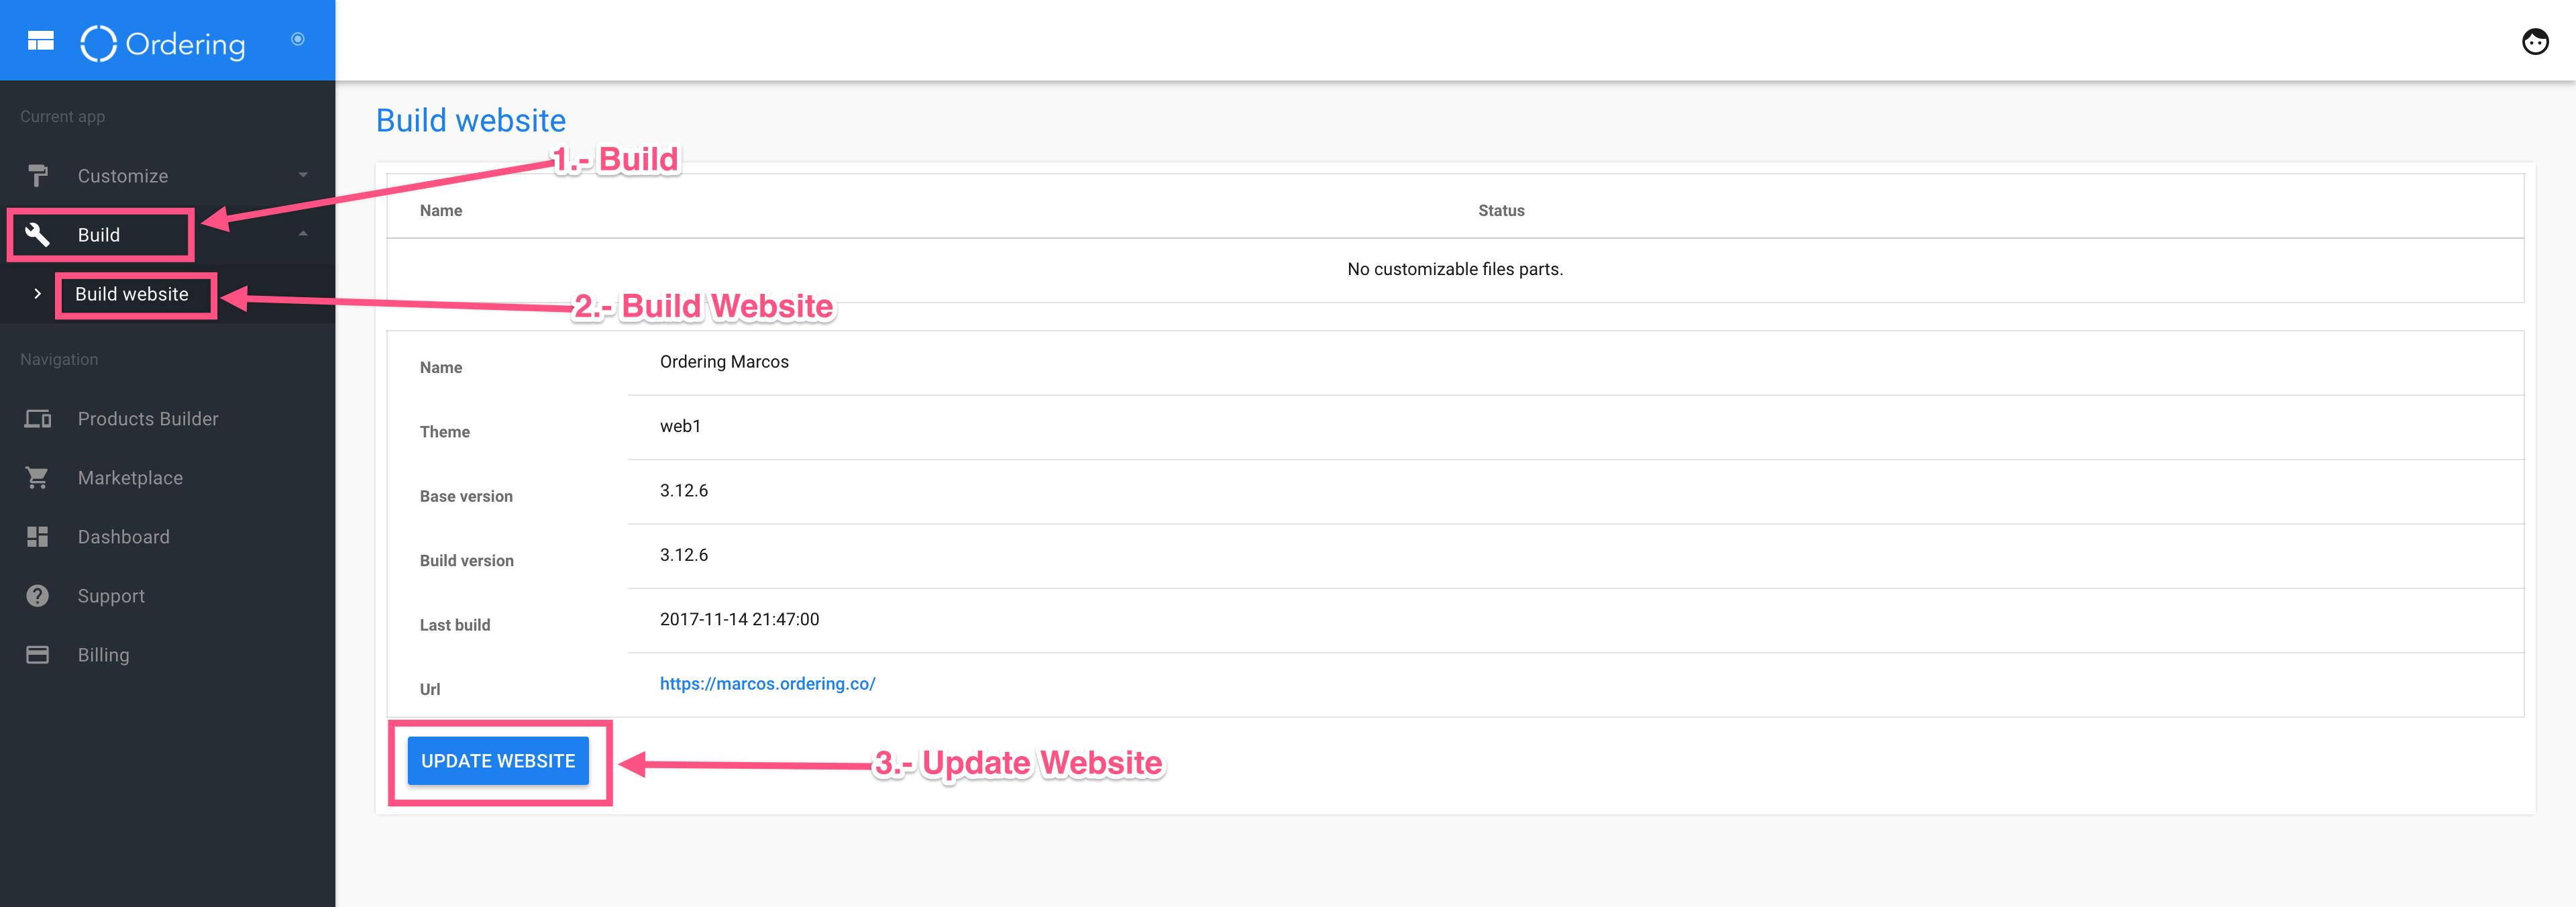 Comparte la URL de tu sitio con una imagen / texto personalizado ...